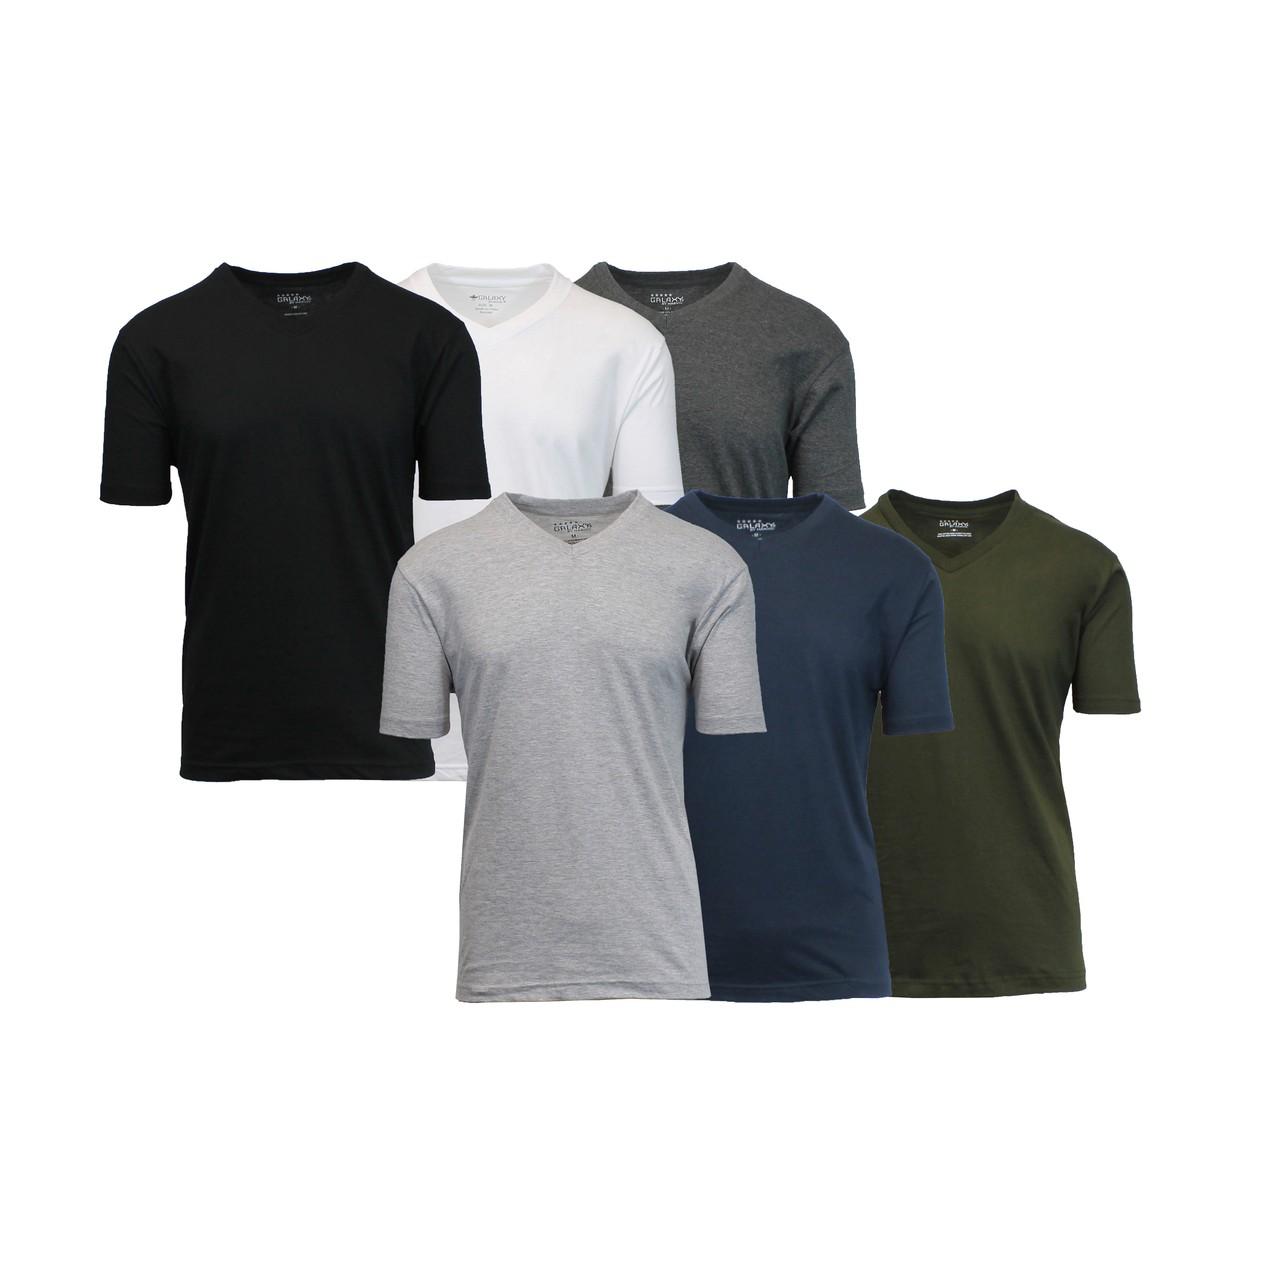 Men's 6-Pack Short Sleeve Crew Neck Tee